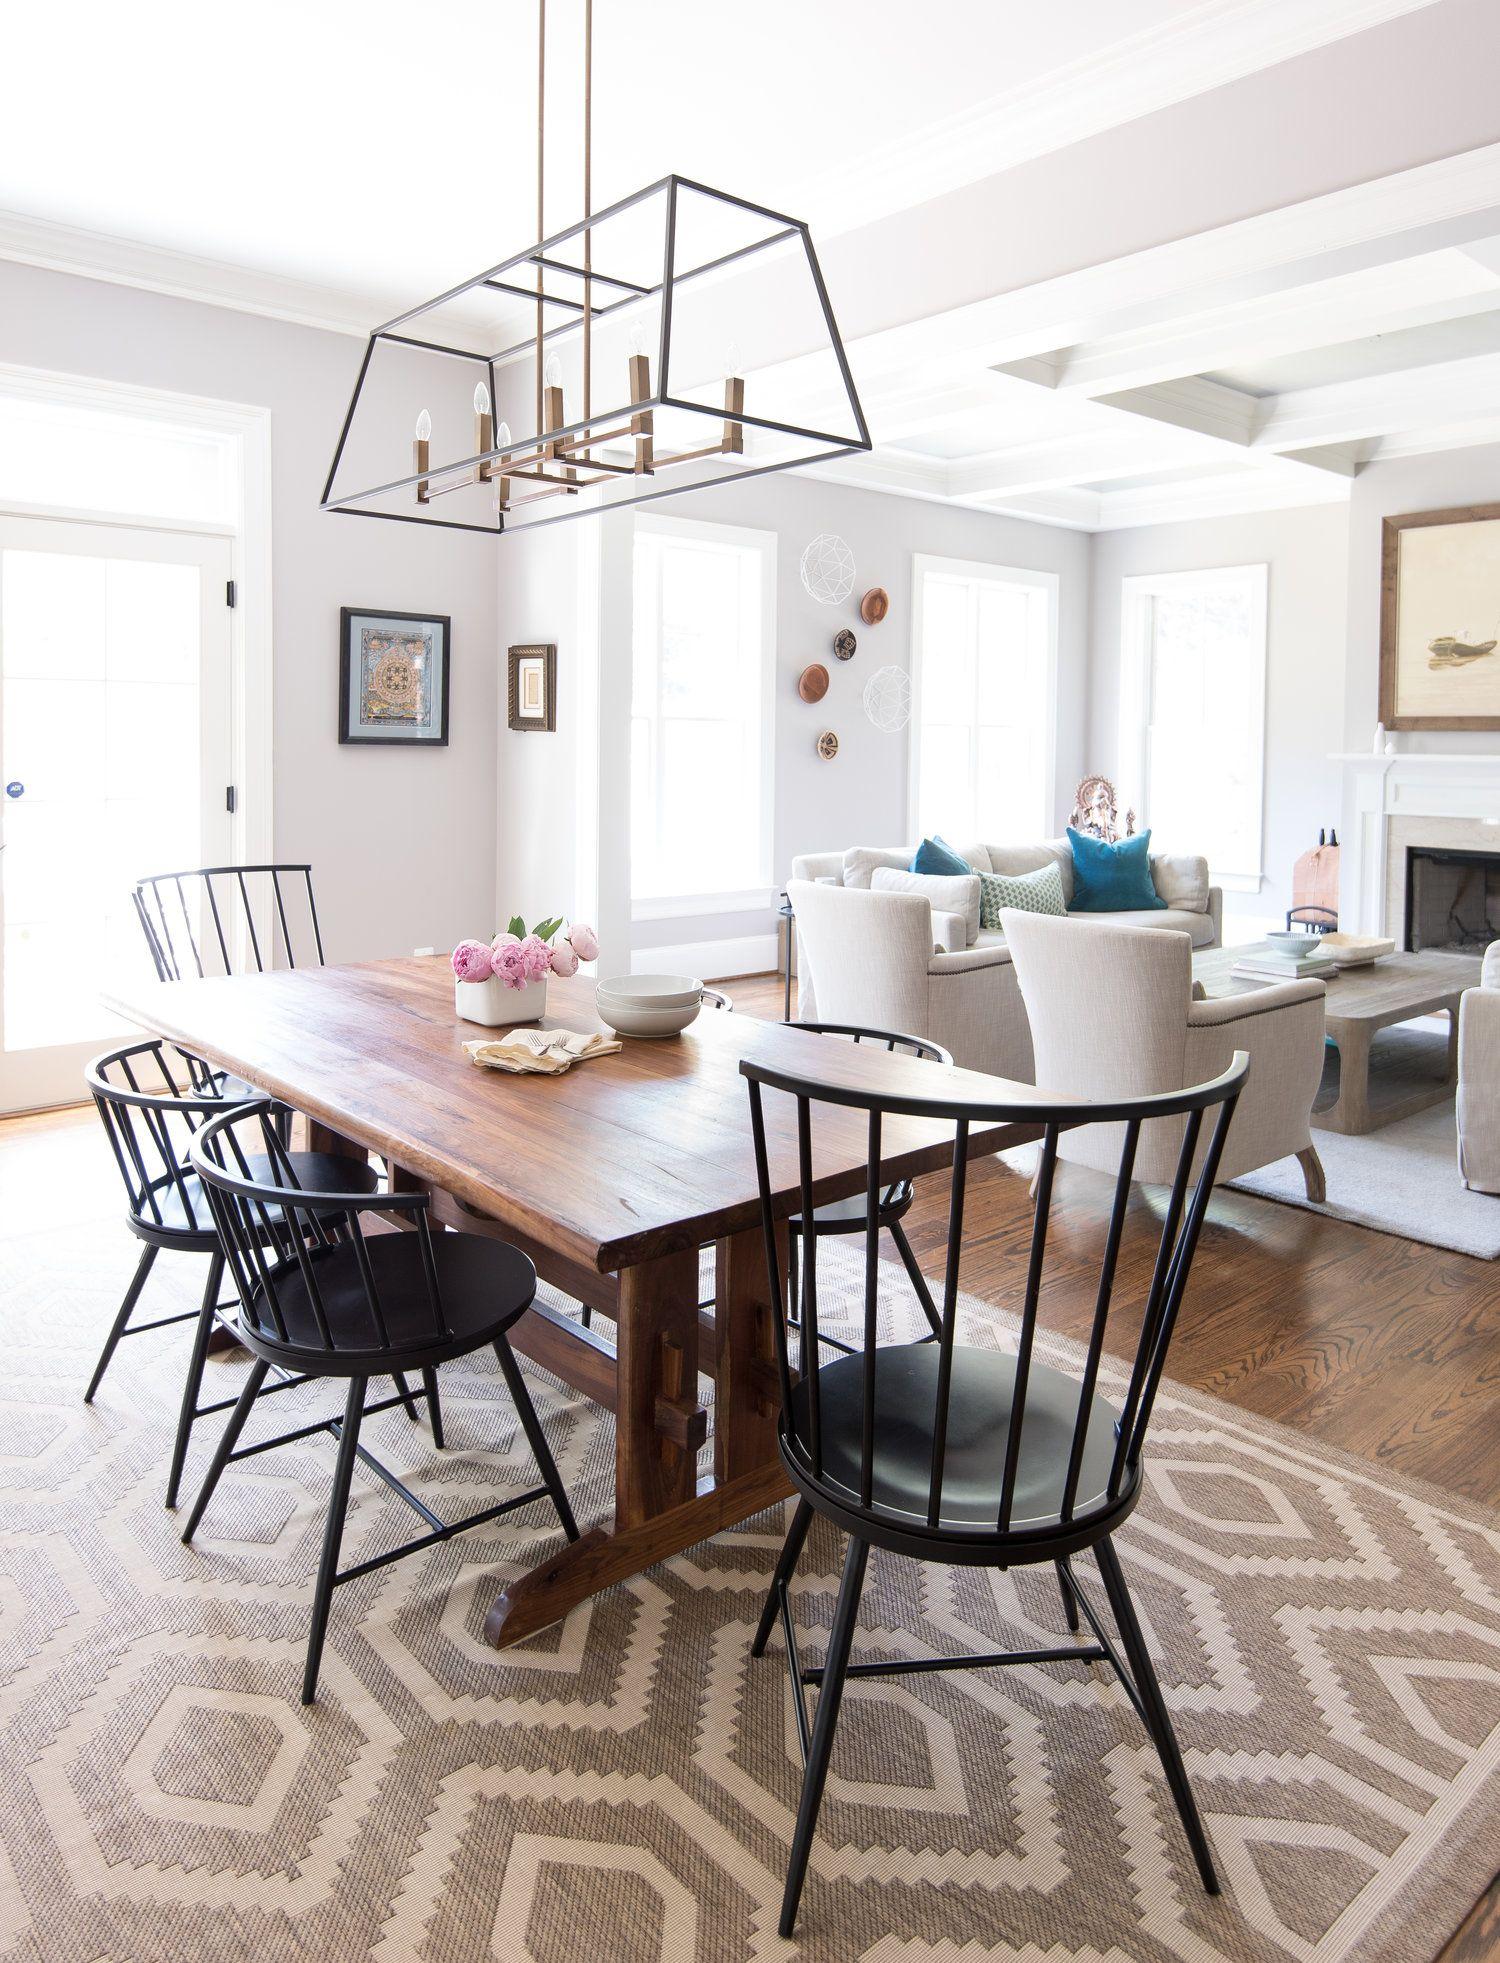 Simplistic yet cozy dining room design | Kerra Michele Interiors